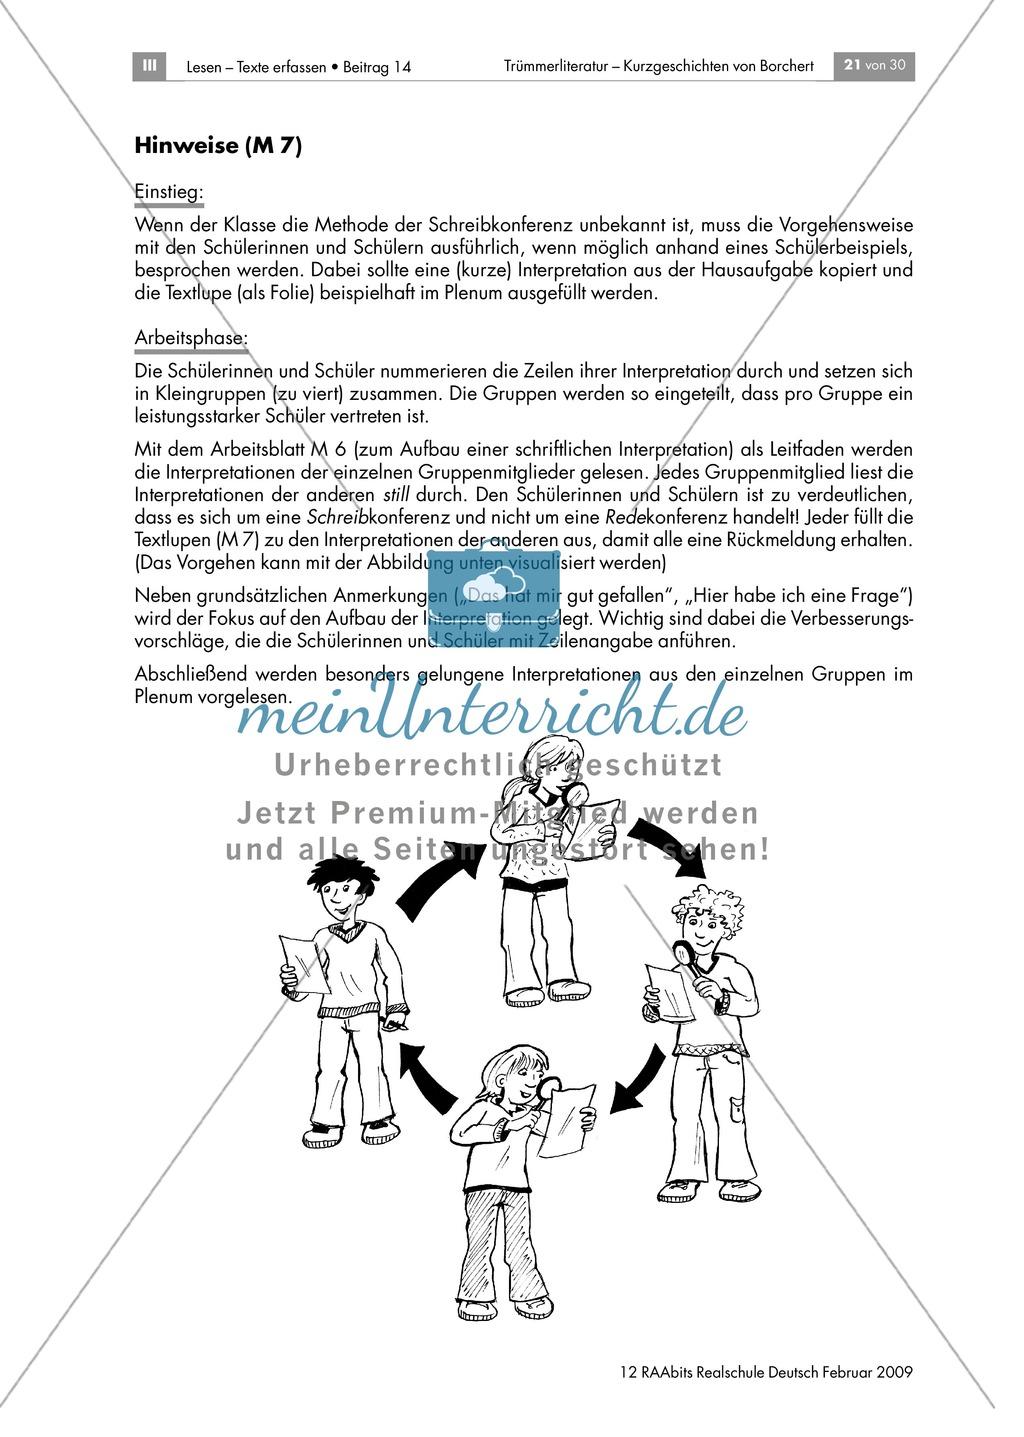 Schreibkonferenz zu Interpreationen von Borcherts